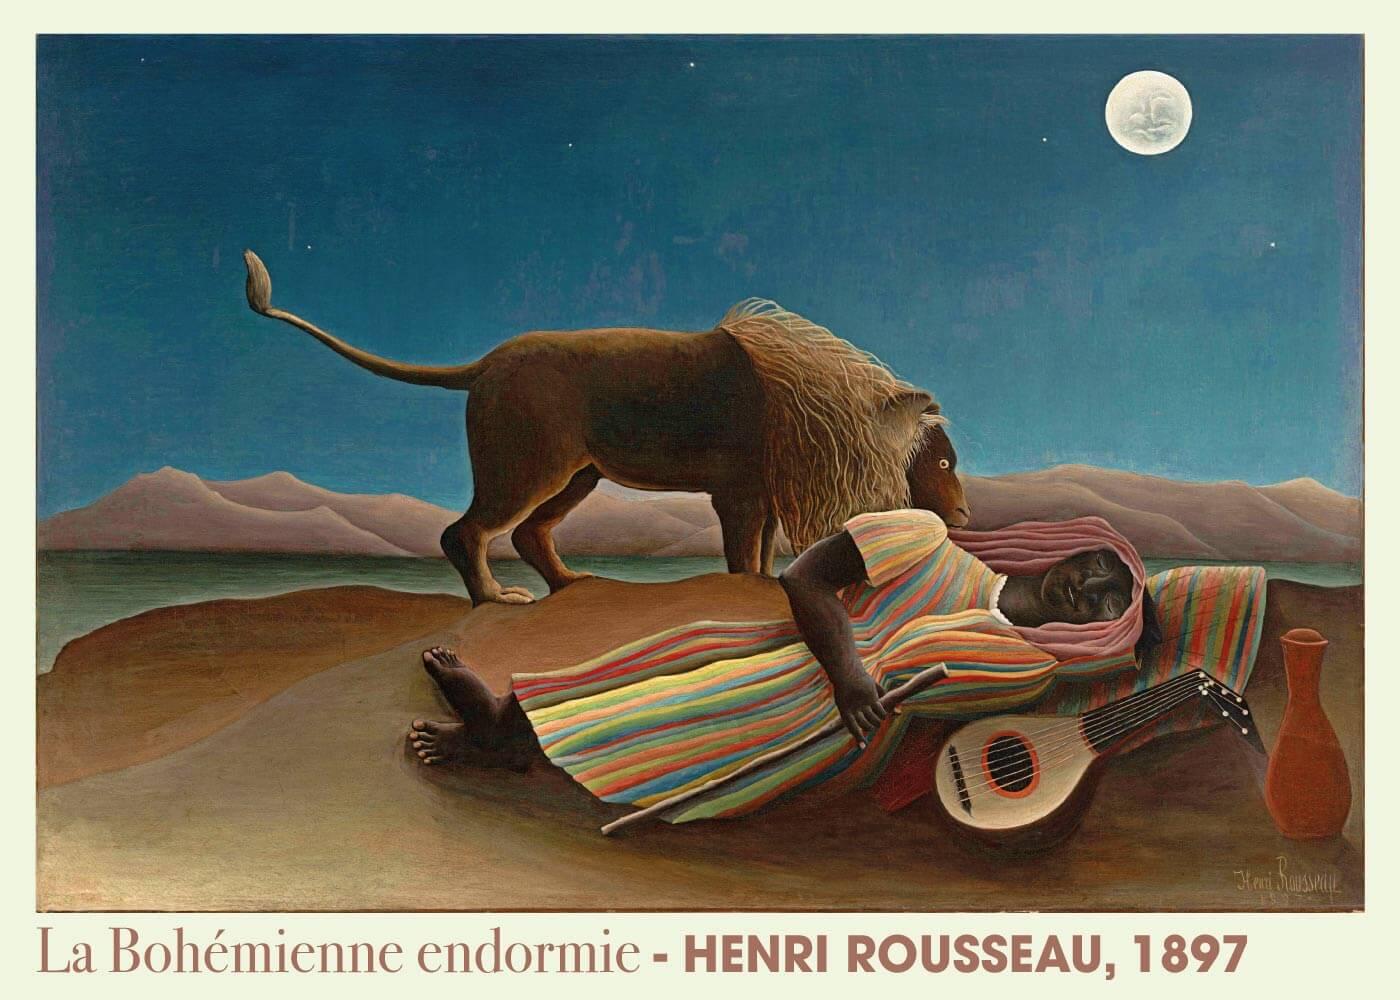 Billede af La Bohémienne endomie - Henri Rousseau